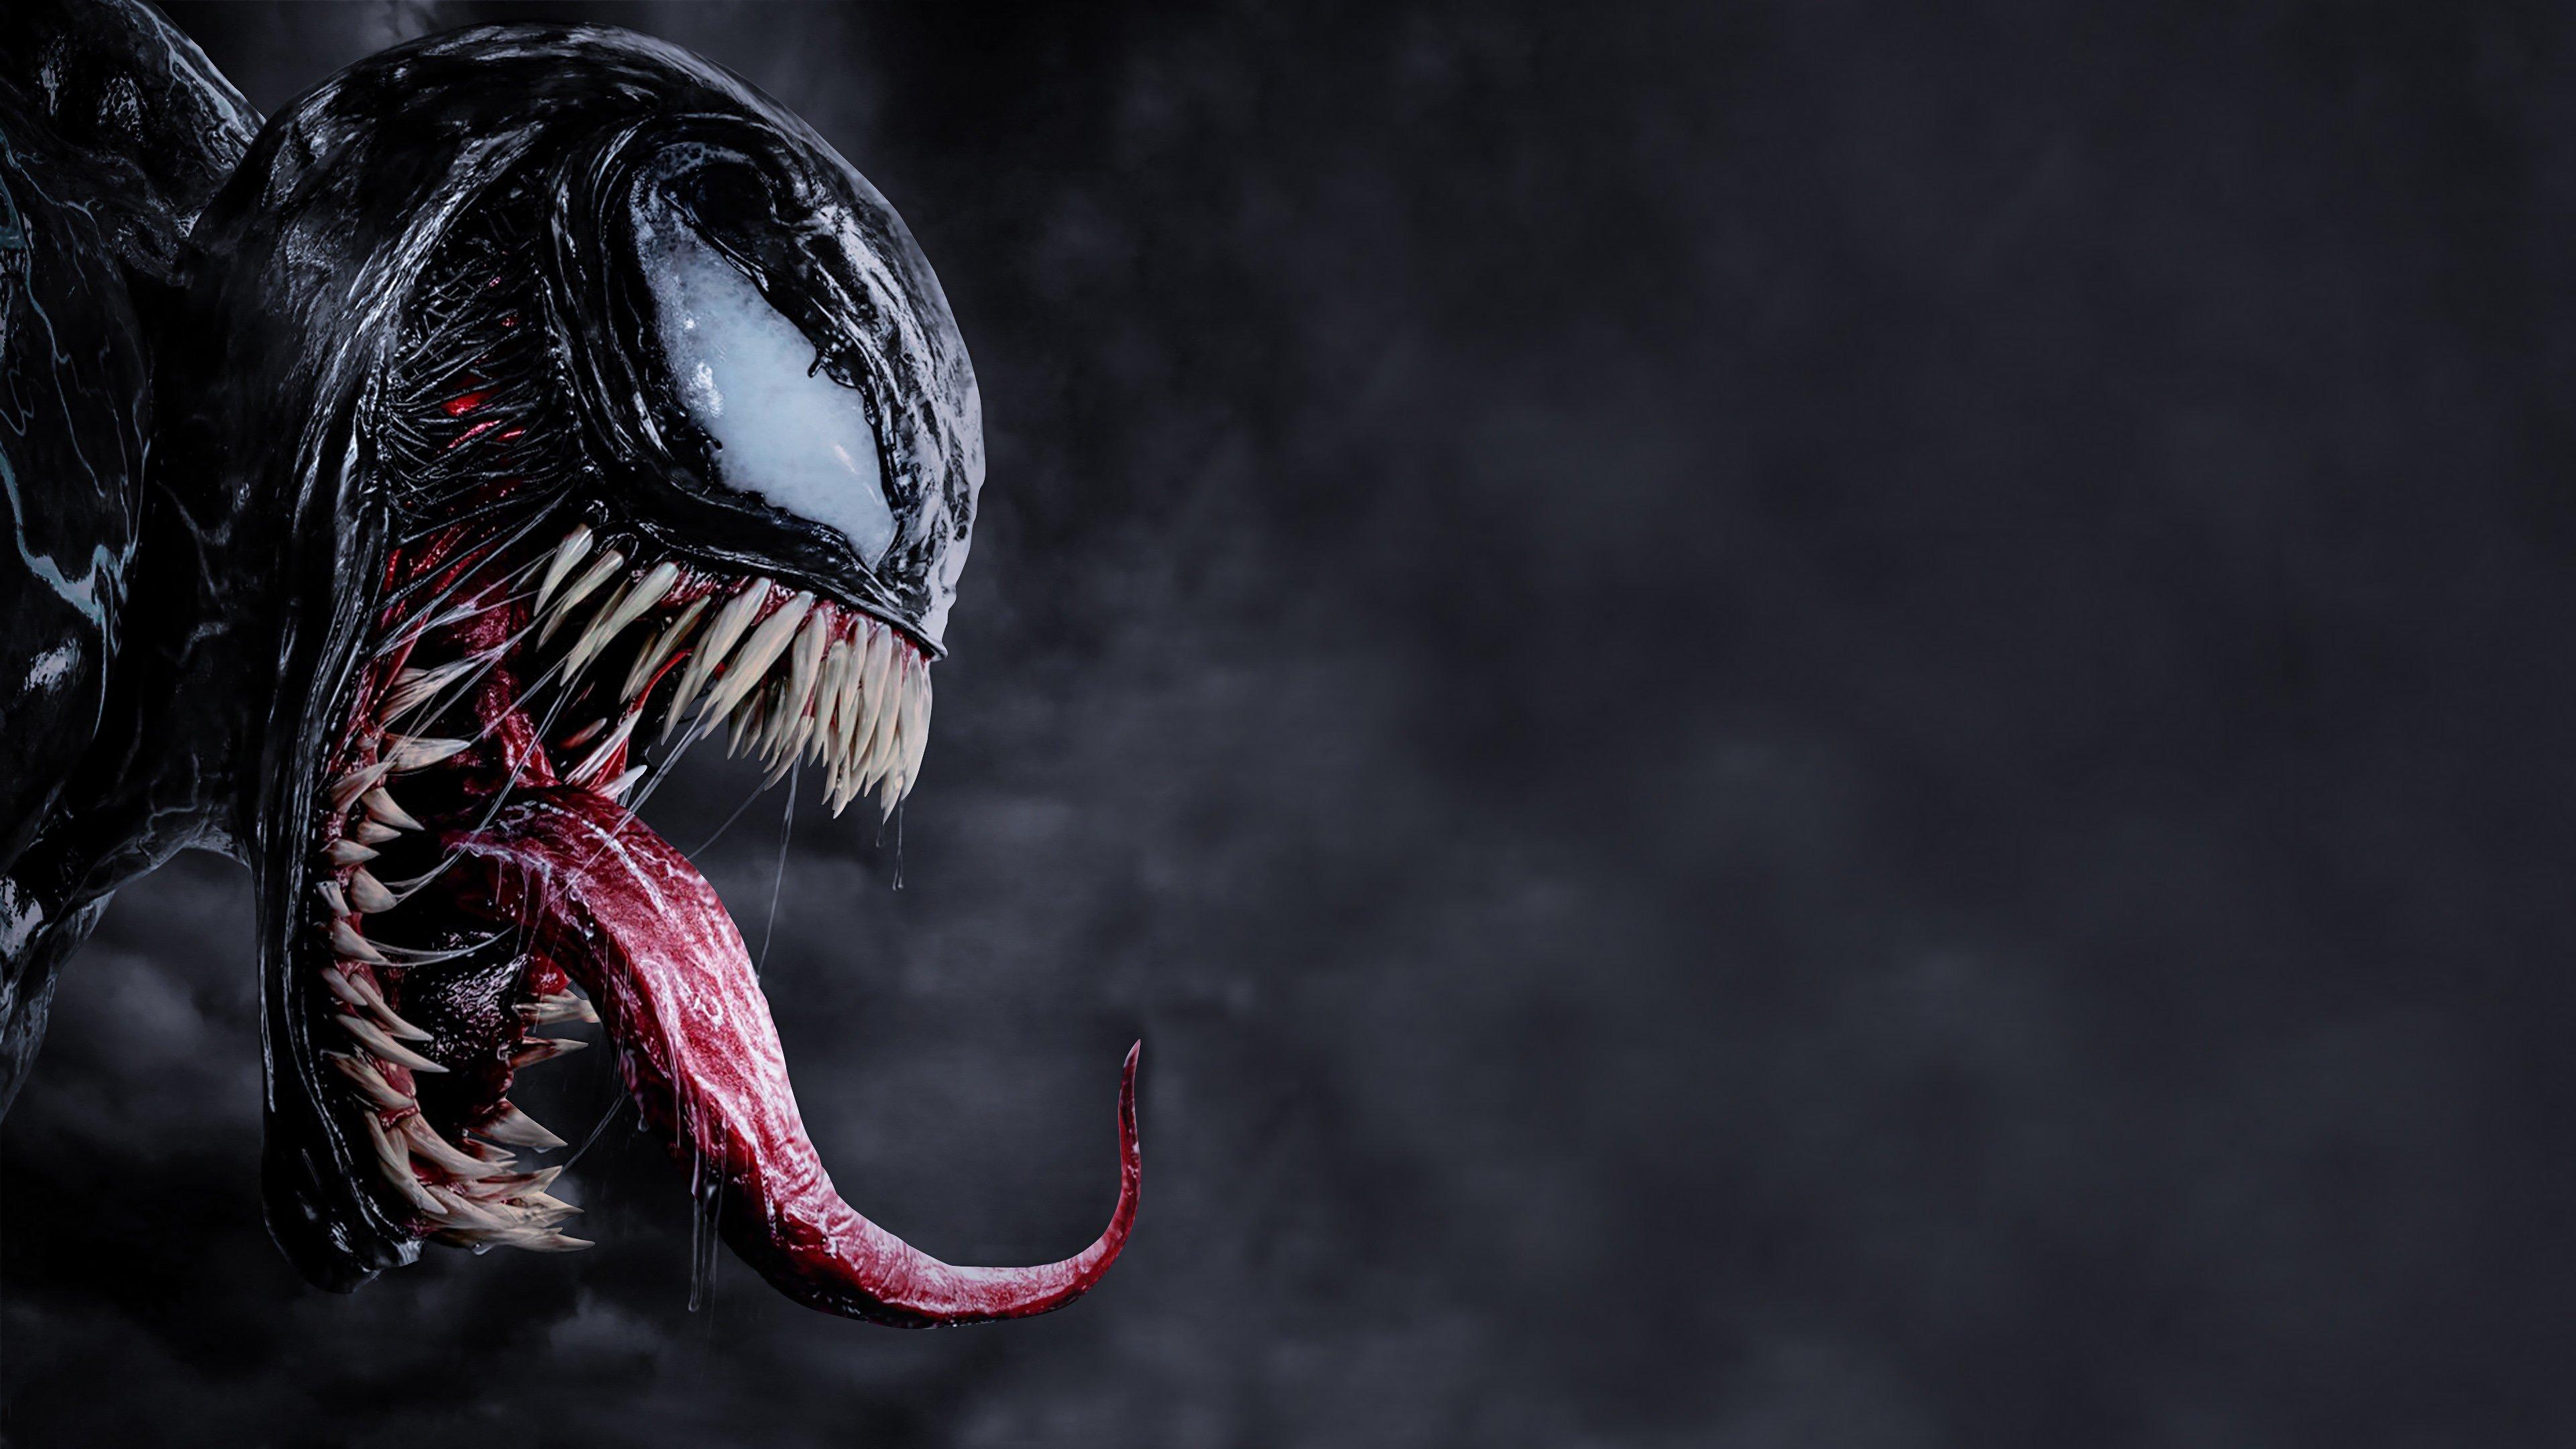 Fondos de pantalla Venom Película